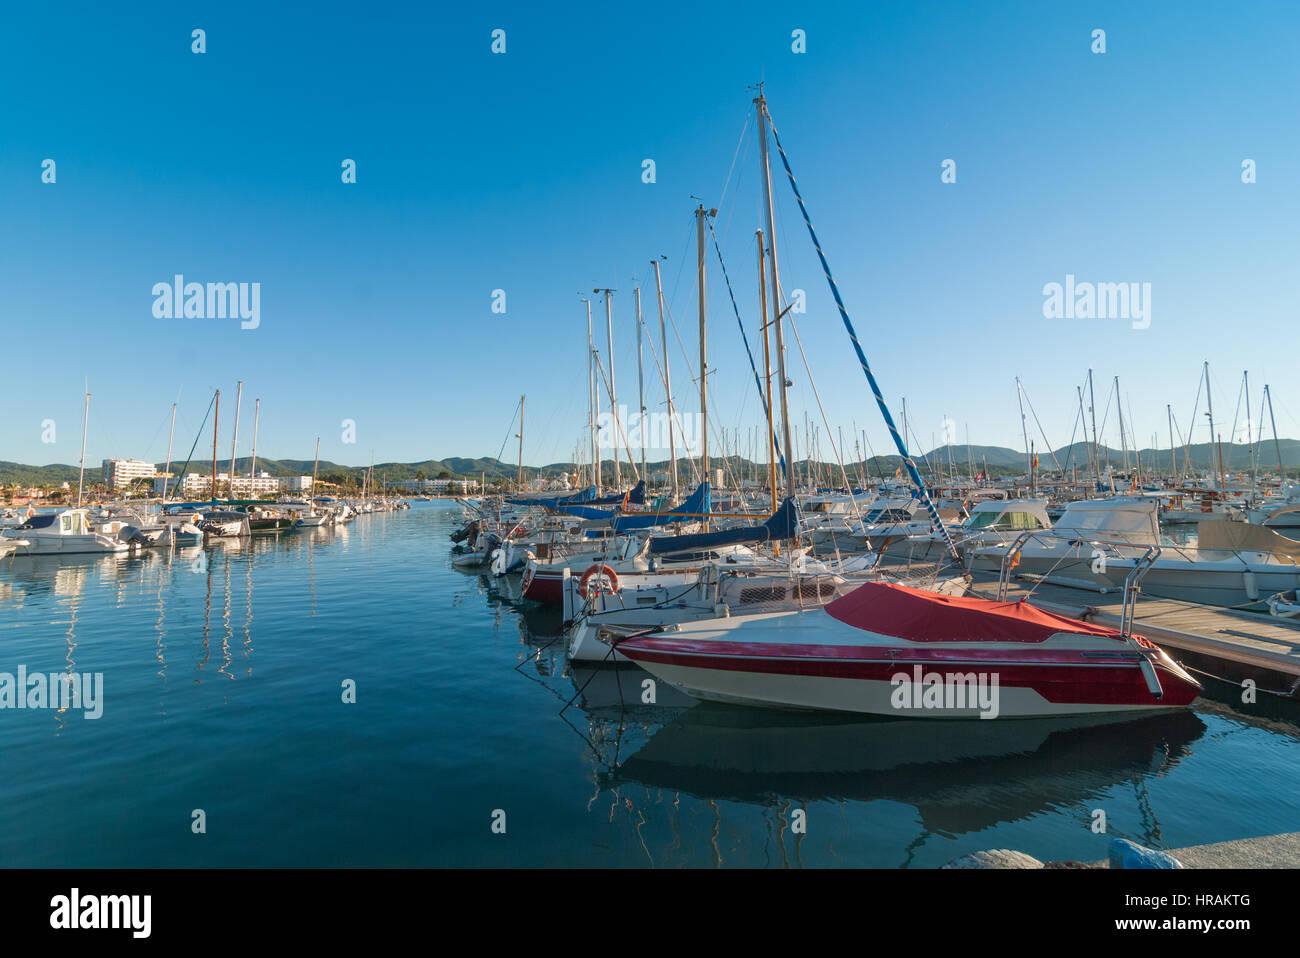 Ibiza sunshine nel tardo pomeriggio in Sant Antoni de Portmany, Ibiza, Spagna. Fila di idle di imbarcazioni, barche Immagini Stock